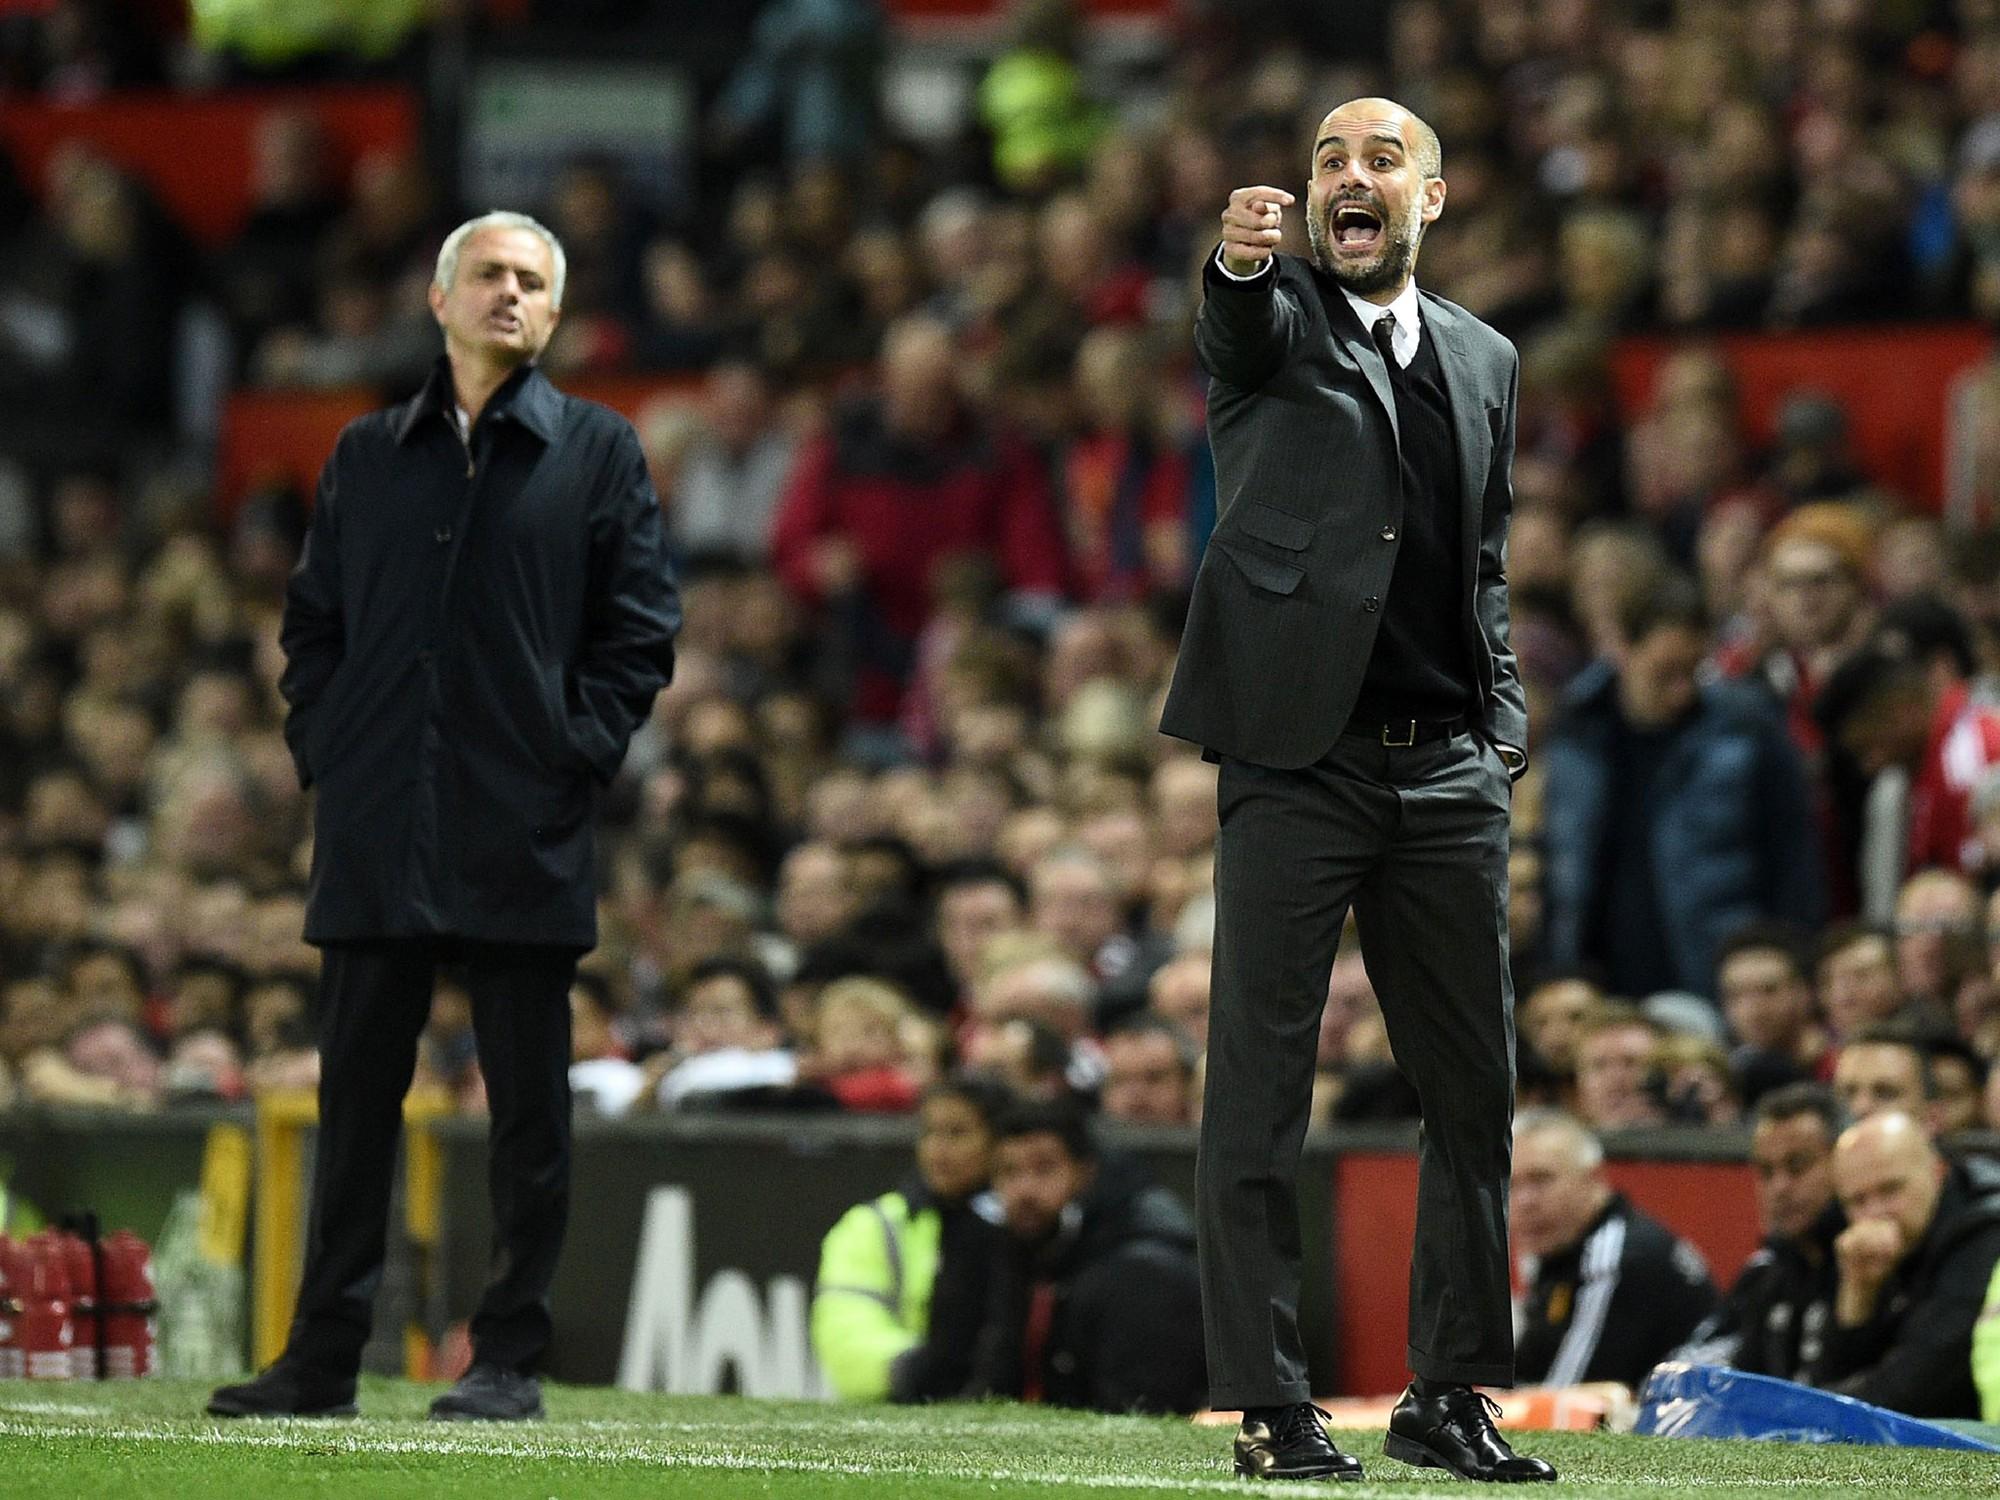 Mourinho - Man Utd: Mối lương duyên đã sai ngay từ đầu - Ảnh 4.